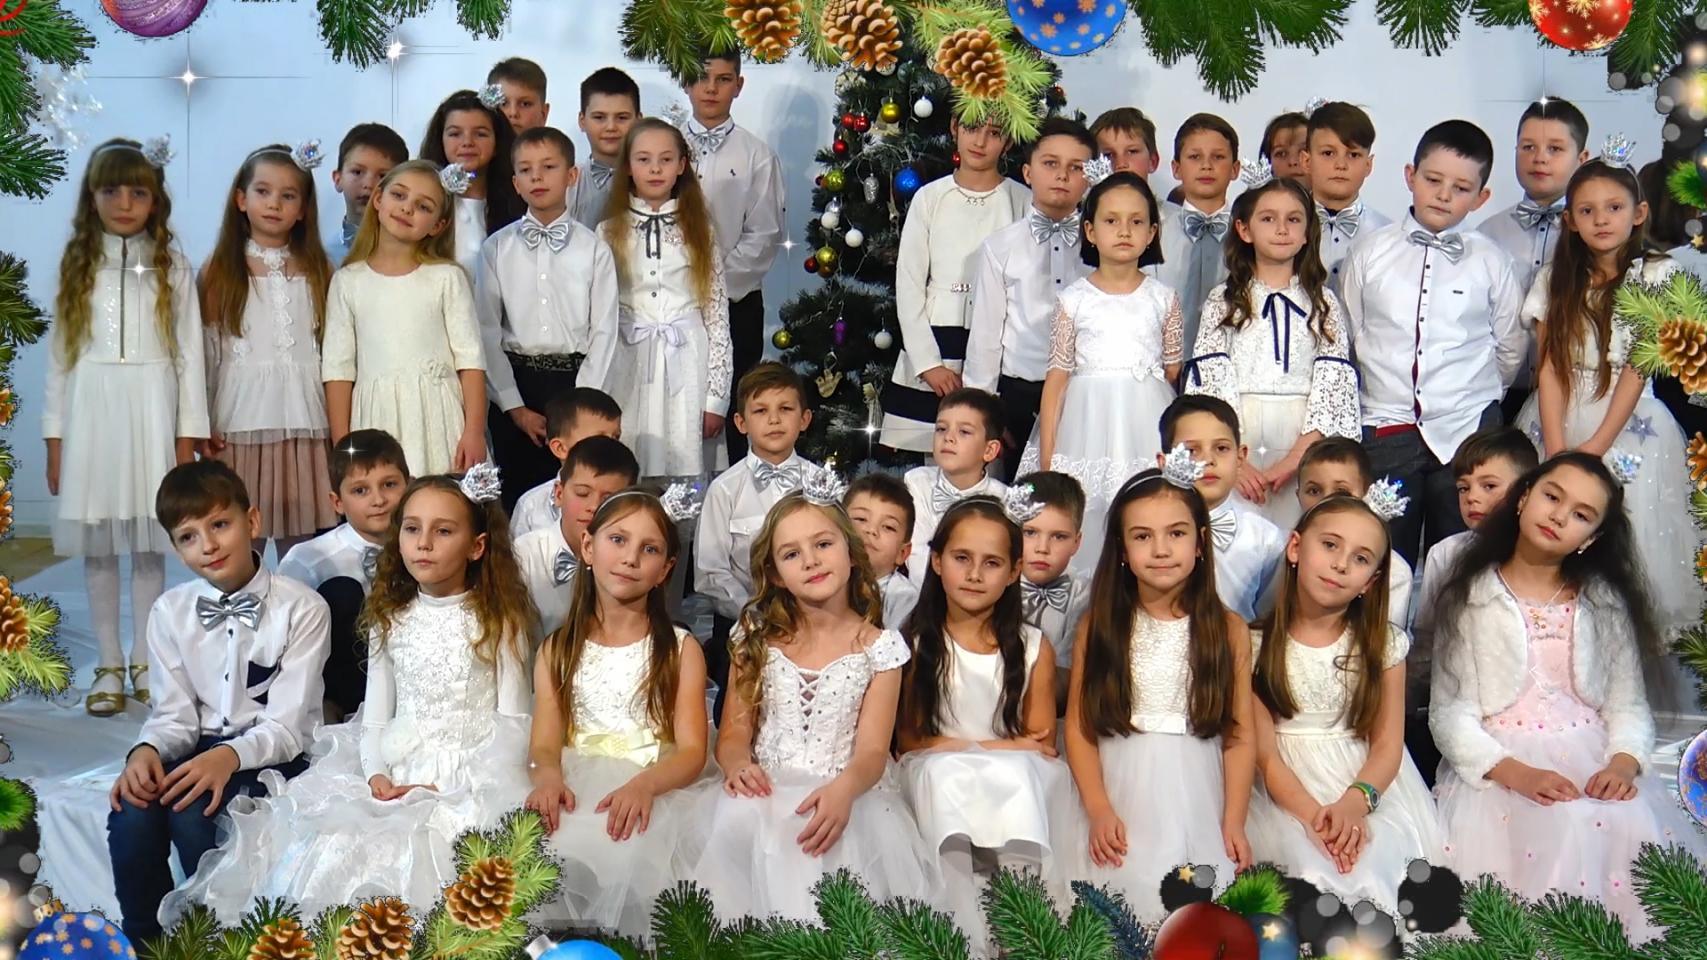 http://dunrada.gov.ua/uploadfile/archive_news/2021/01/11/2021-01-11_1630/images/images-63259.jpg